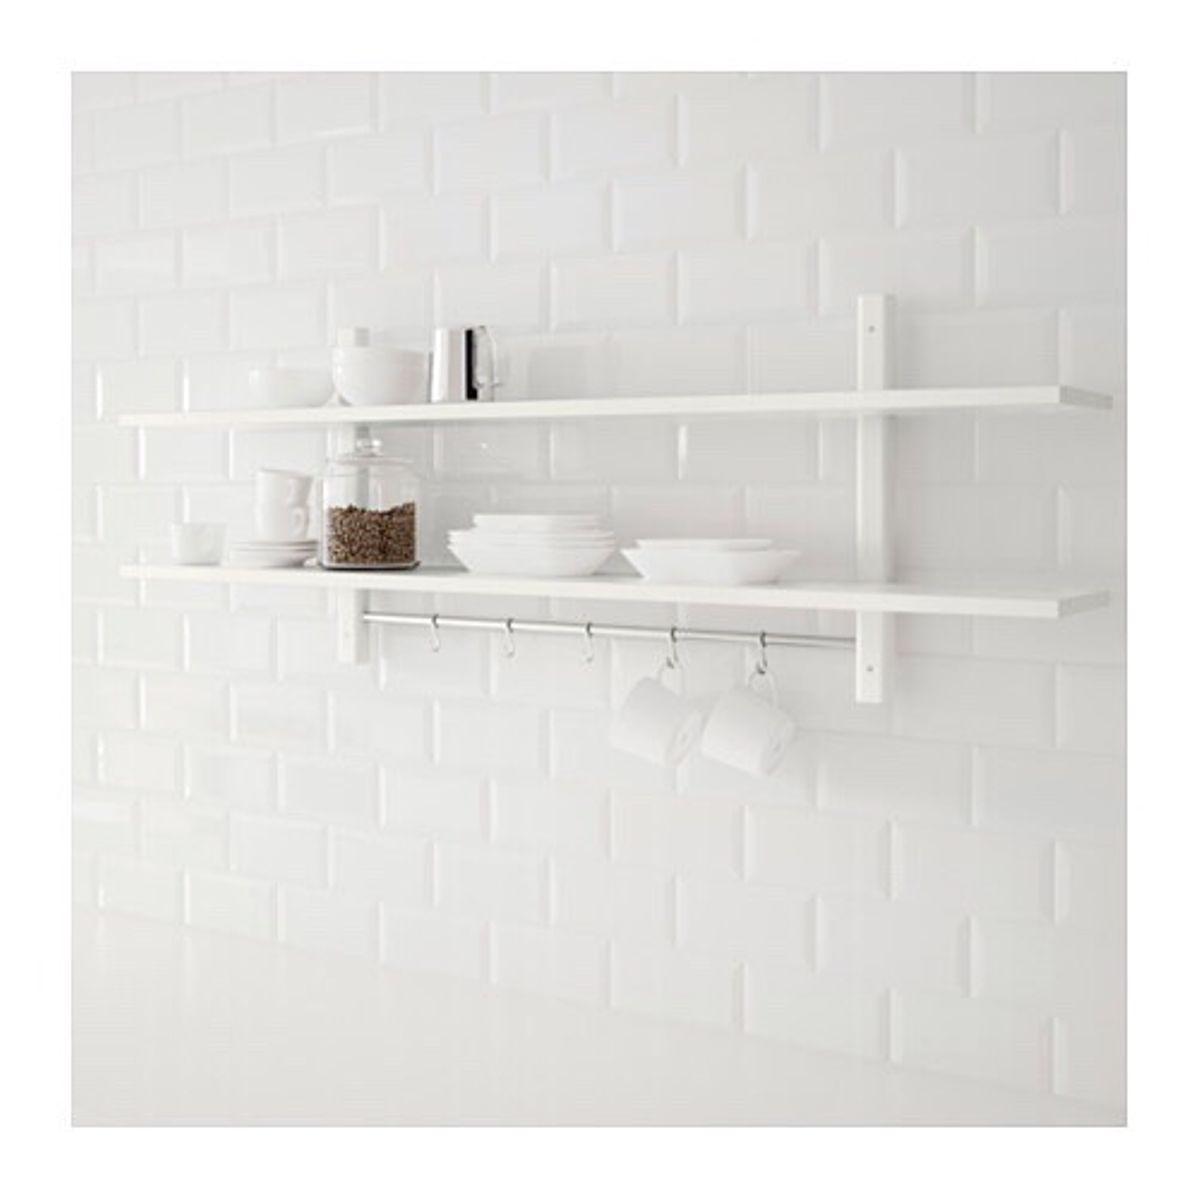 Ikea Wandregal Küche Holz